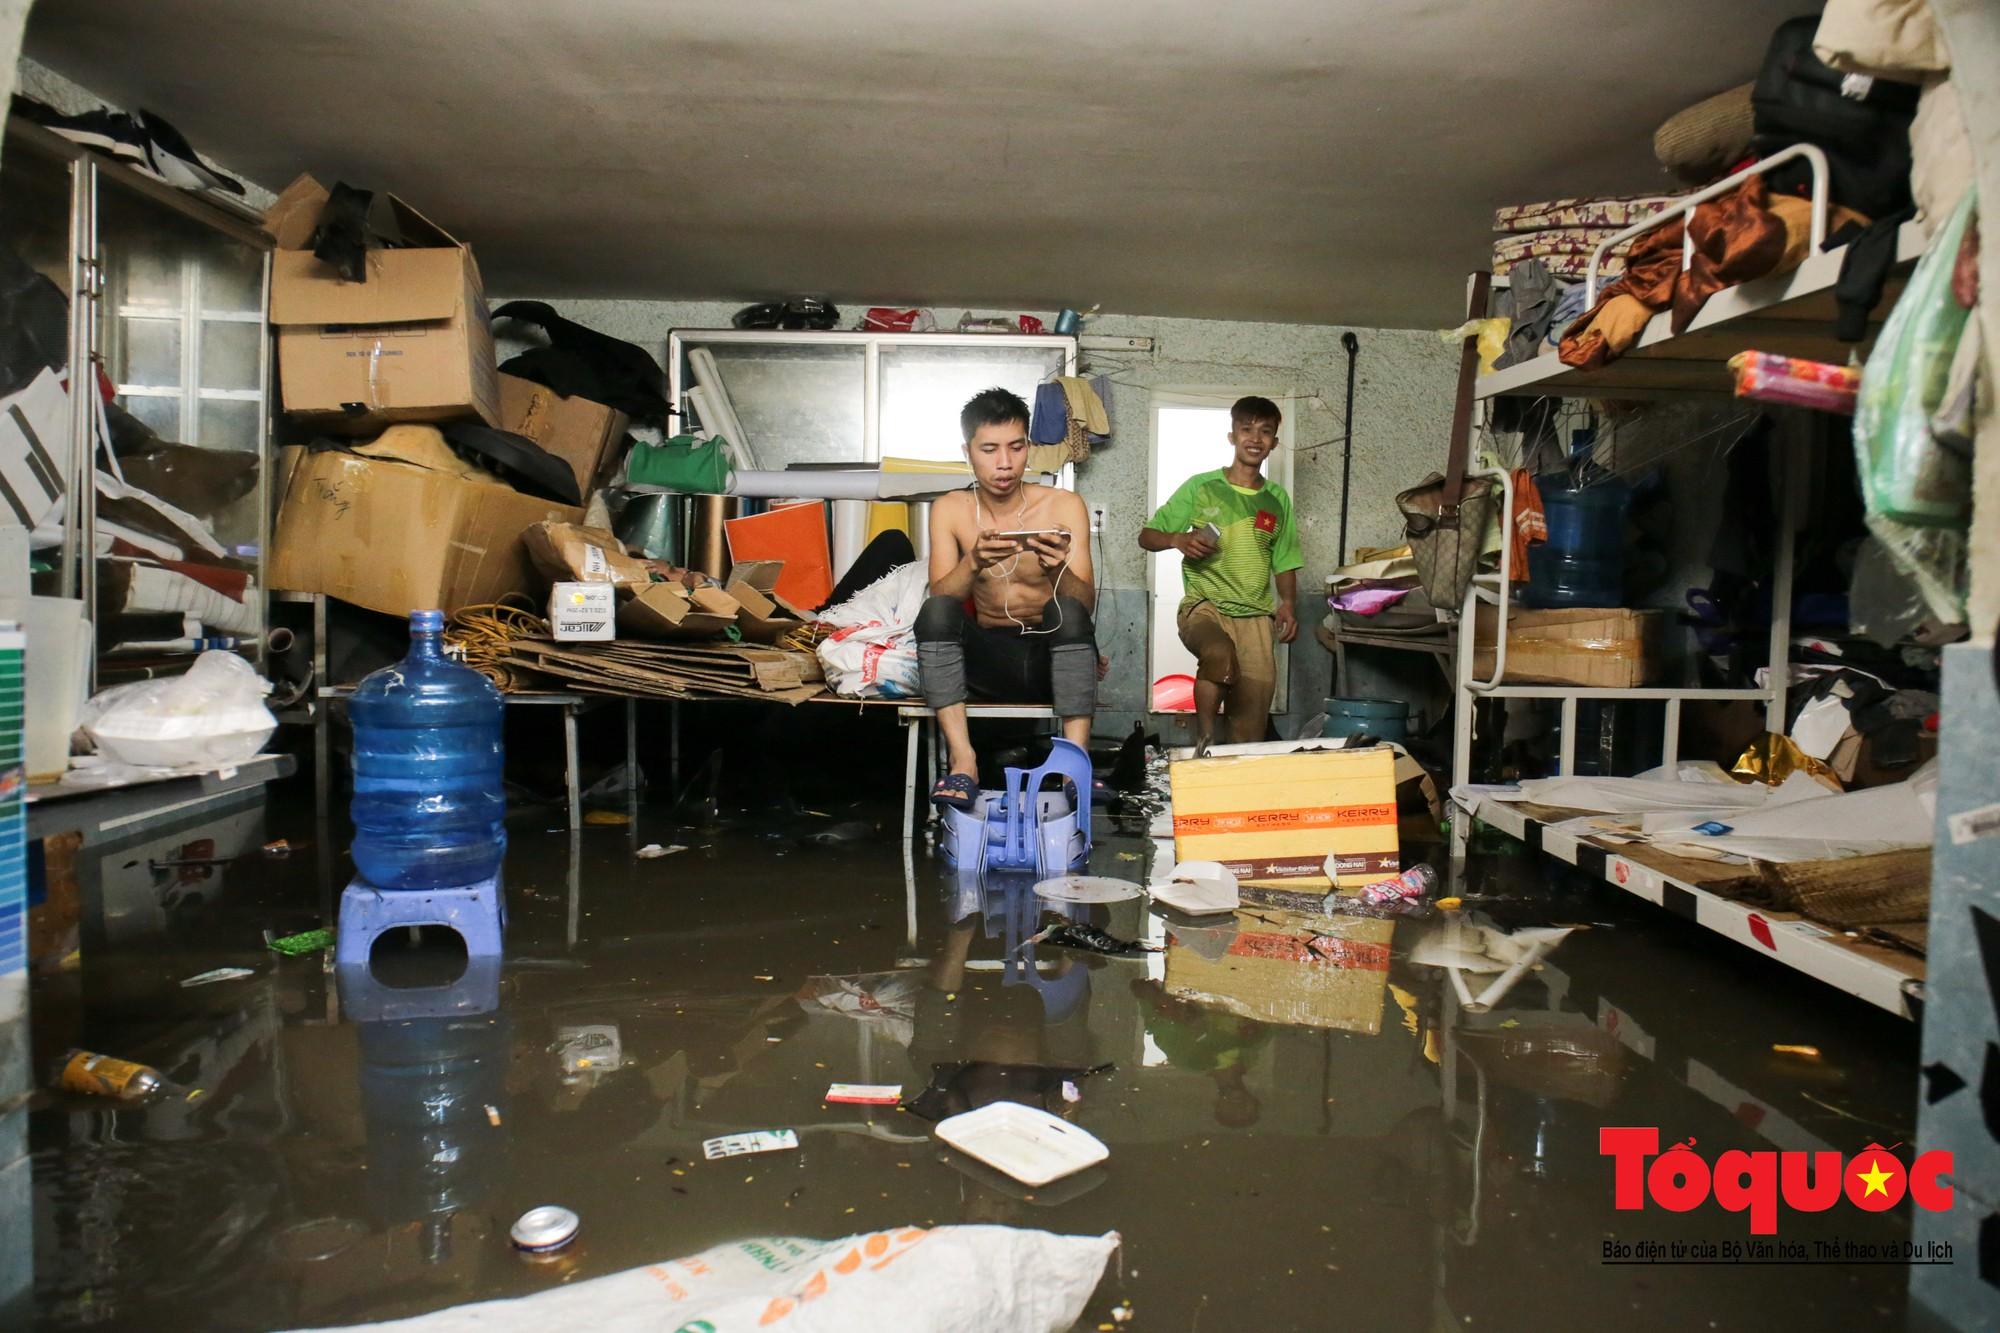 Hà Nội mưa lớn bất ngờ, nhiều tuyến đường lại ngập trong sâu biển nước27